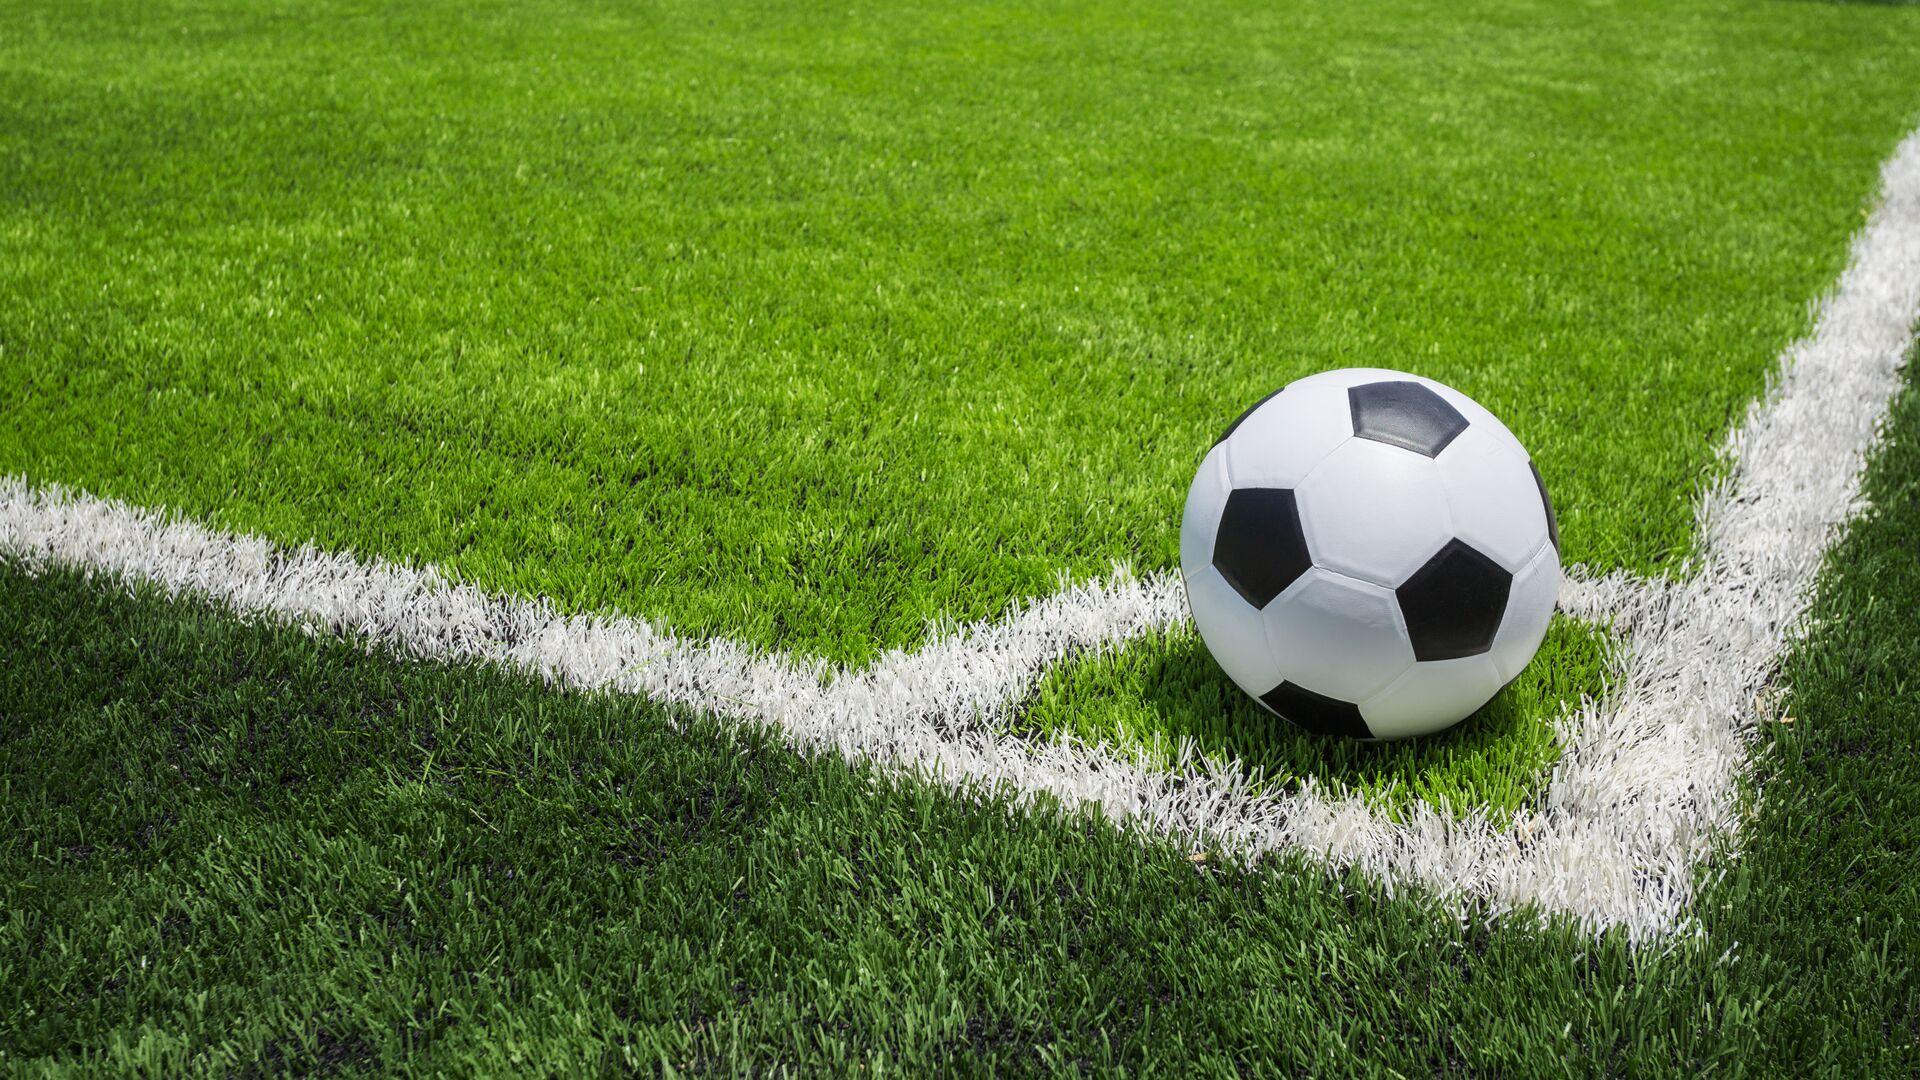 Fotbal - Sputnik Česká republika, 1920, 19.02.2021